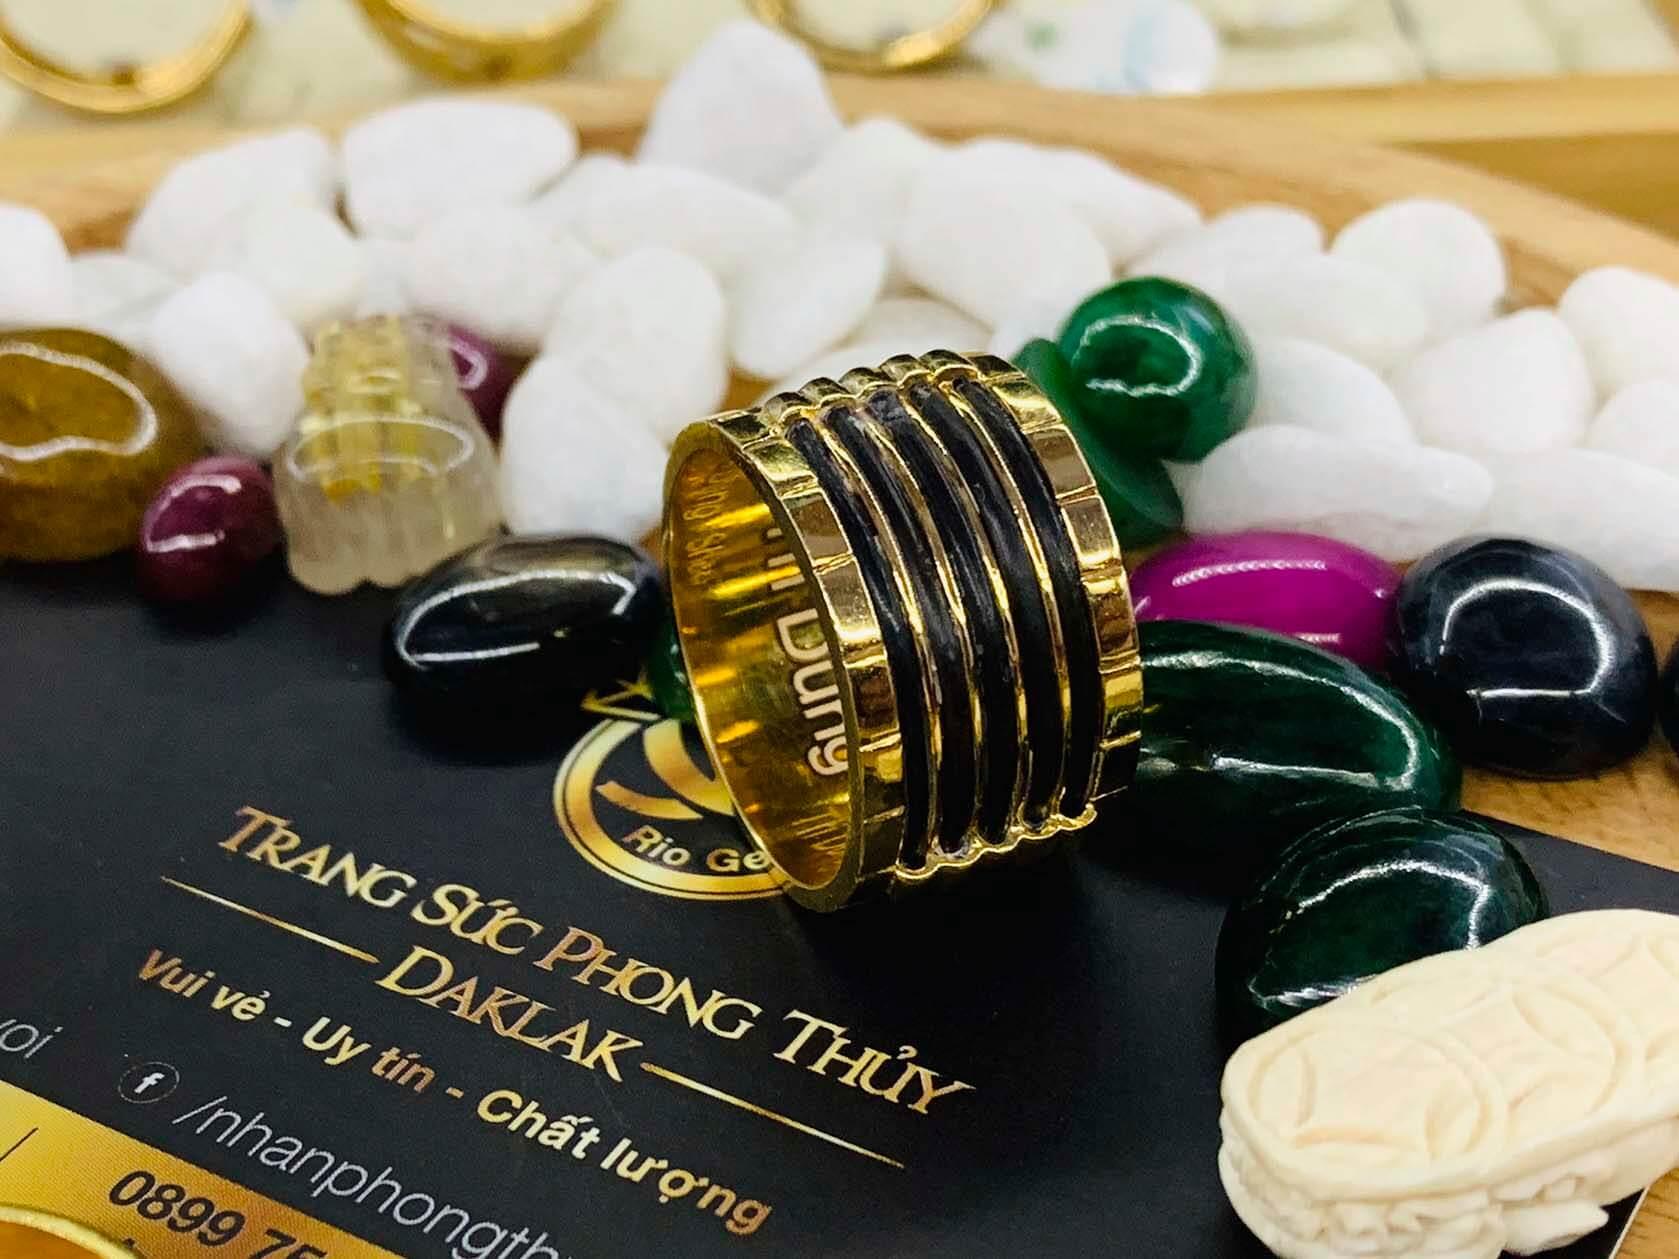 Nhẫn lông voi 5 sợi làm tay RIOGEMs được làm chất liệu vàng thật tôn lên sự sang trọng, đẳng cấp cho người đeo